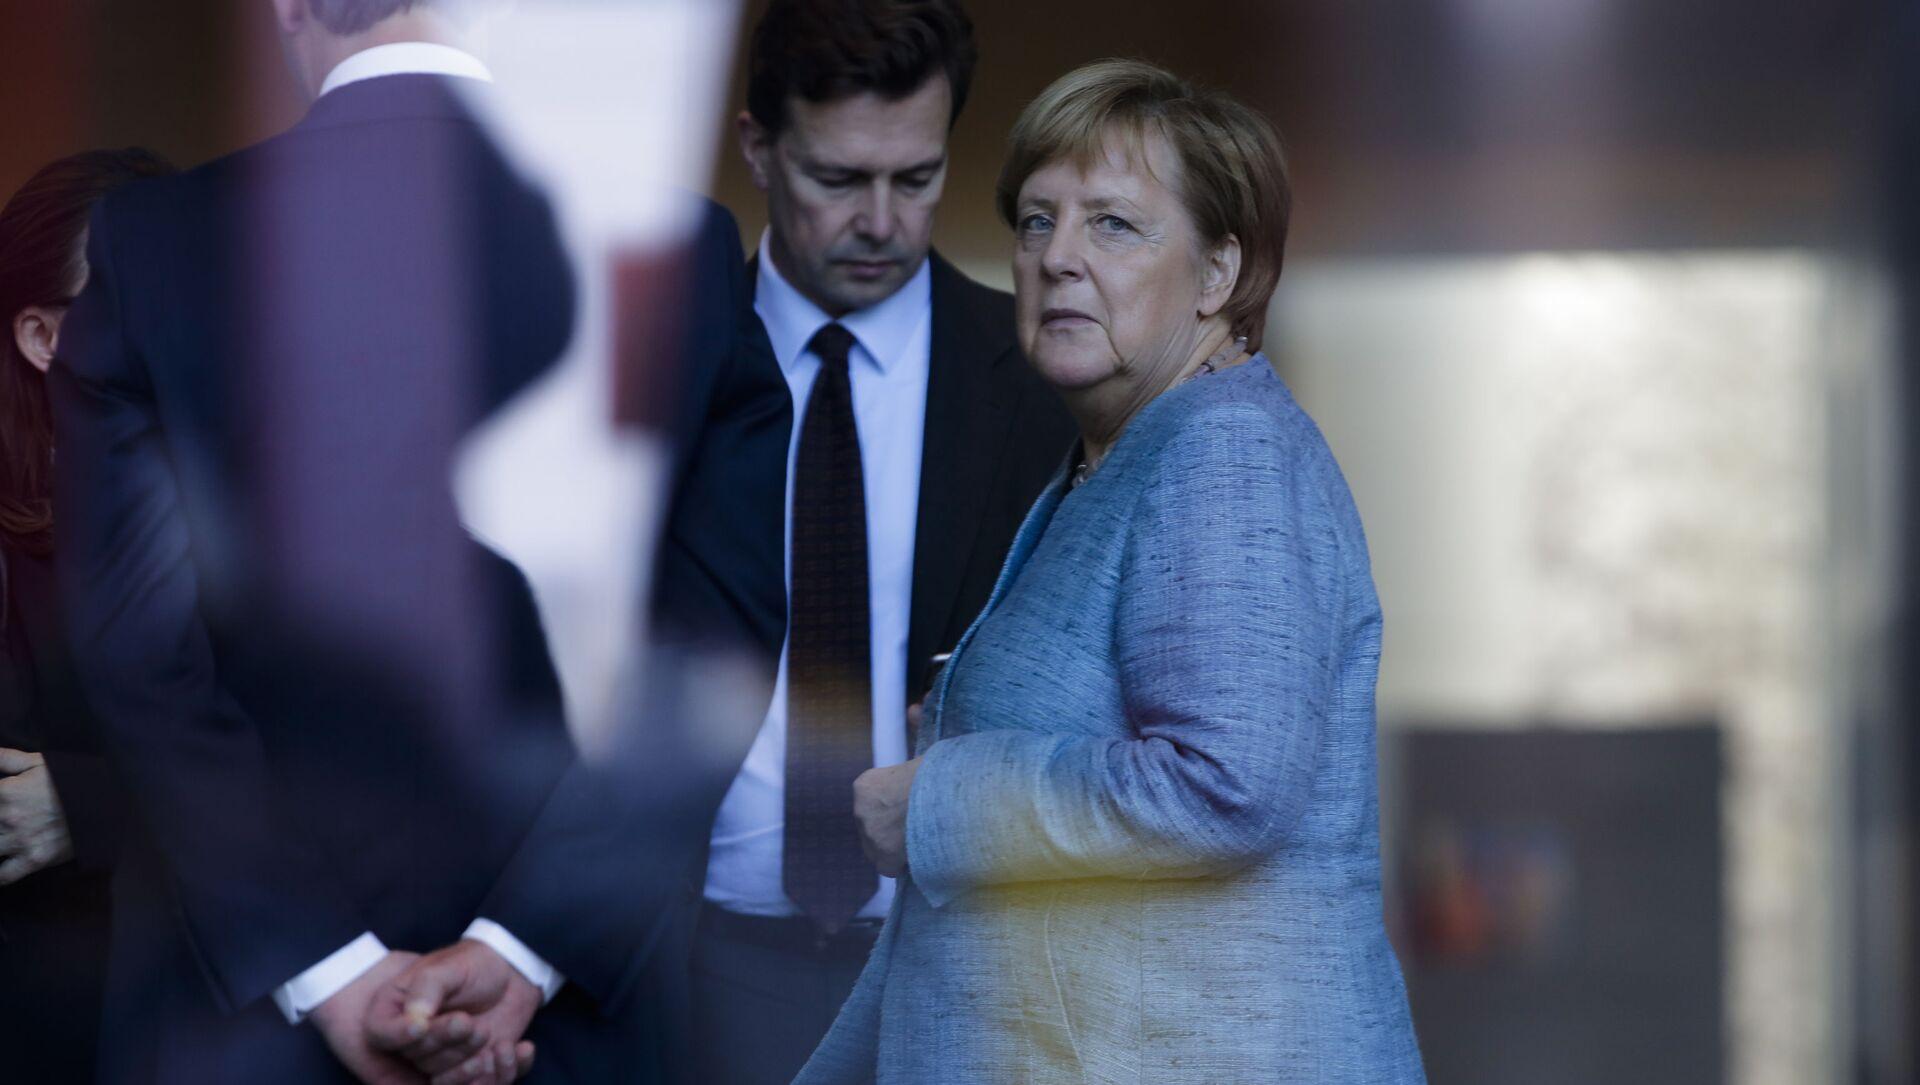 Německá kancléřka Angela Merkelová - Sputnik Česká republika, 1920, 02.02.2021